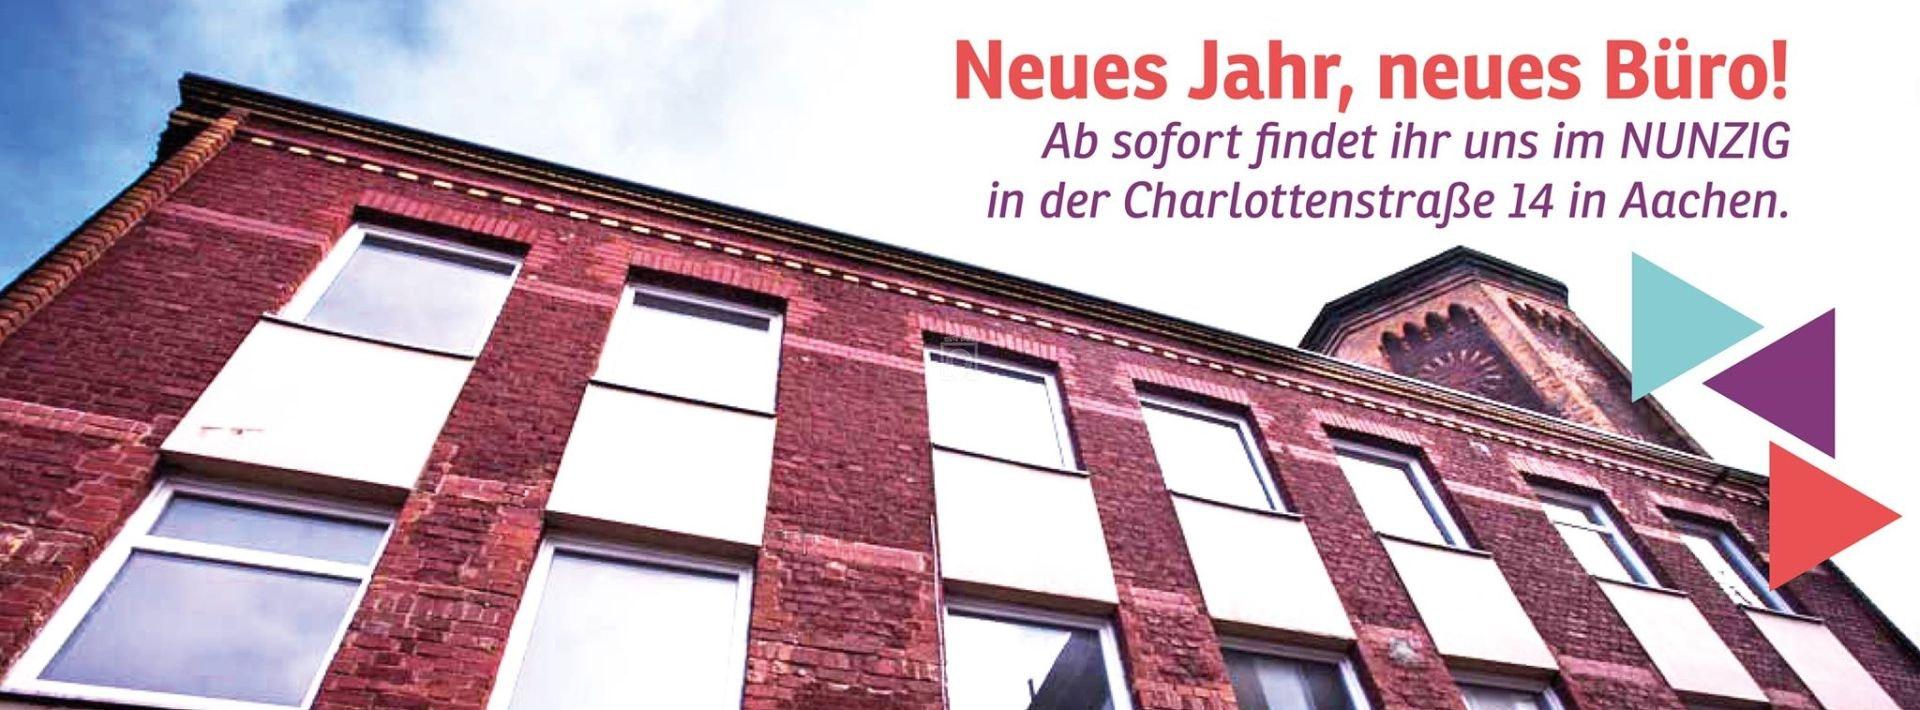 Coworking Nunzig Aachen Book Online Coworker